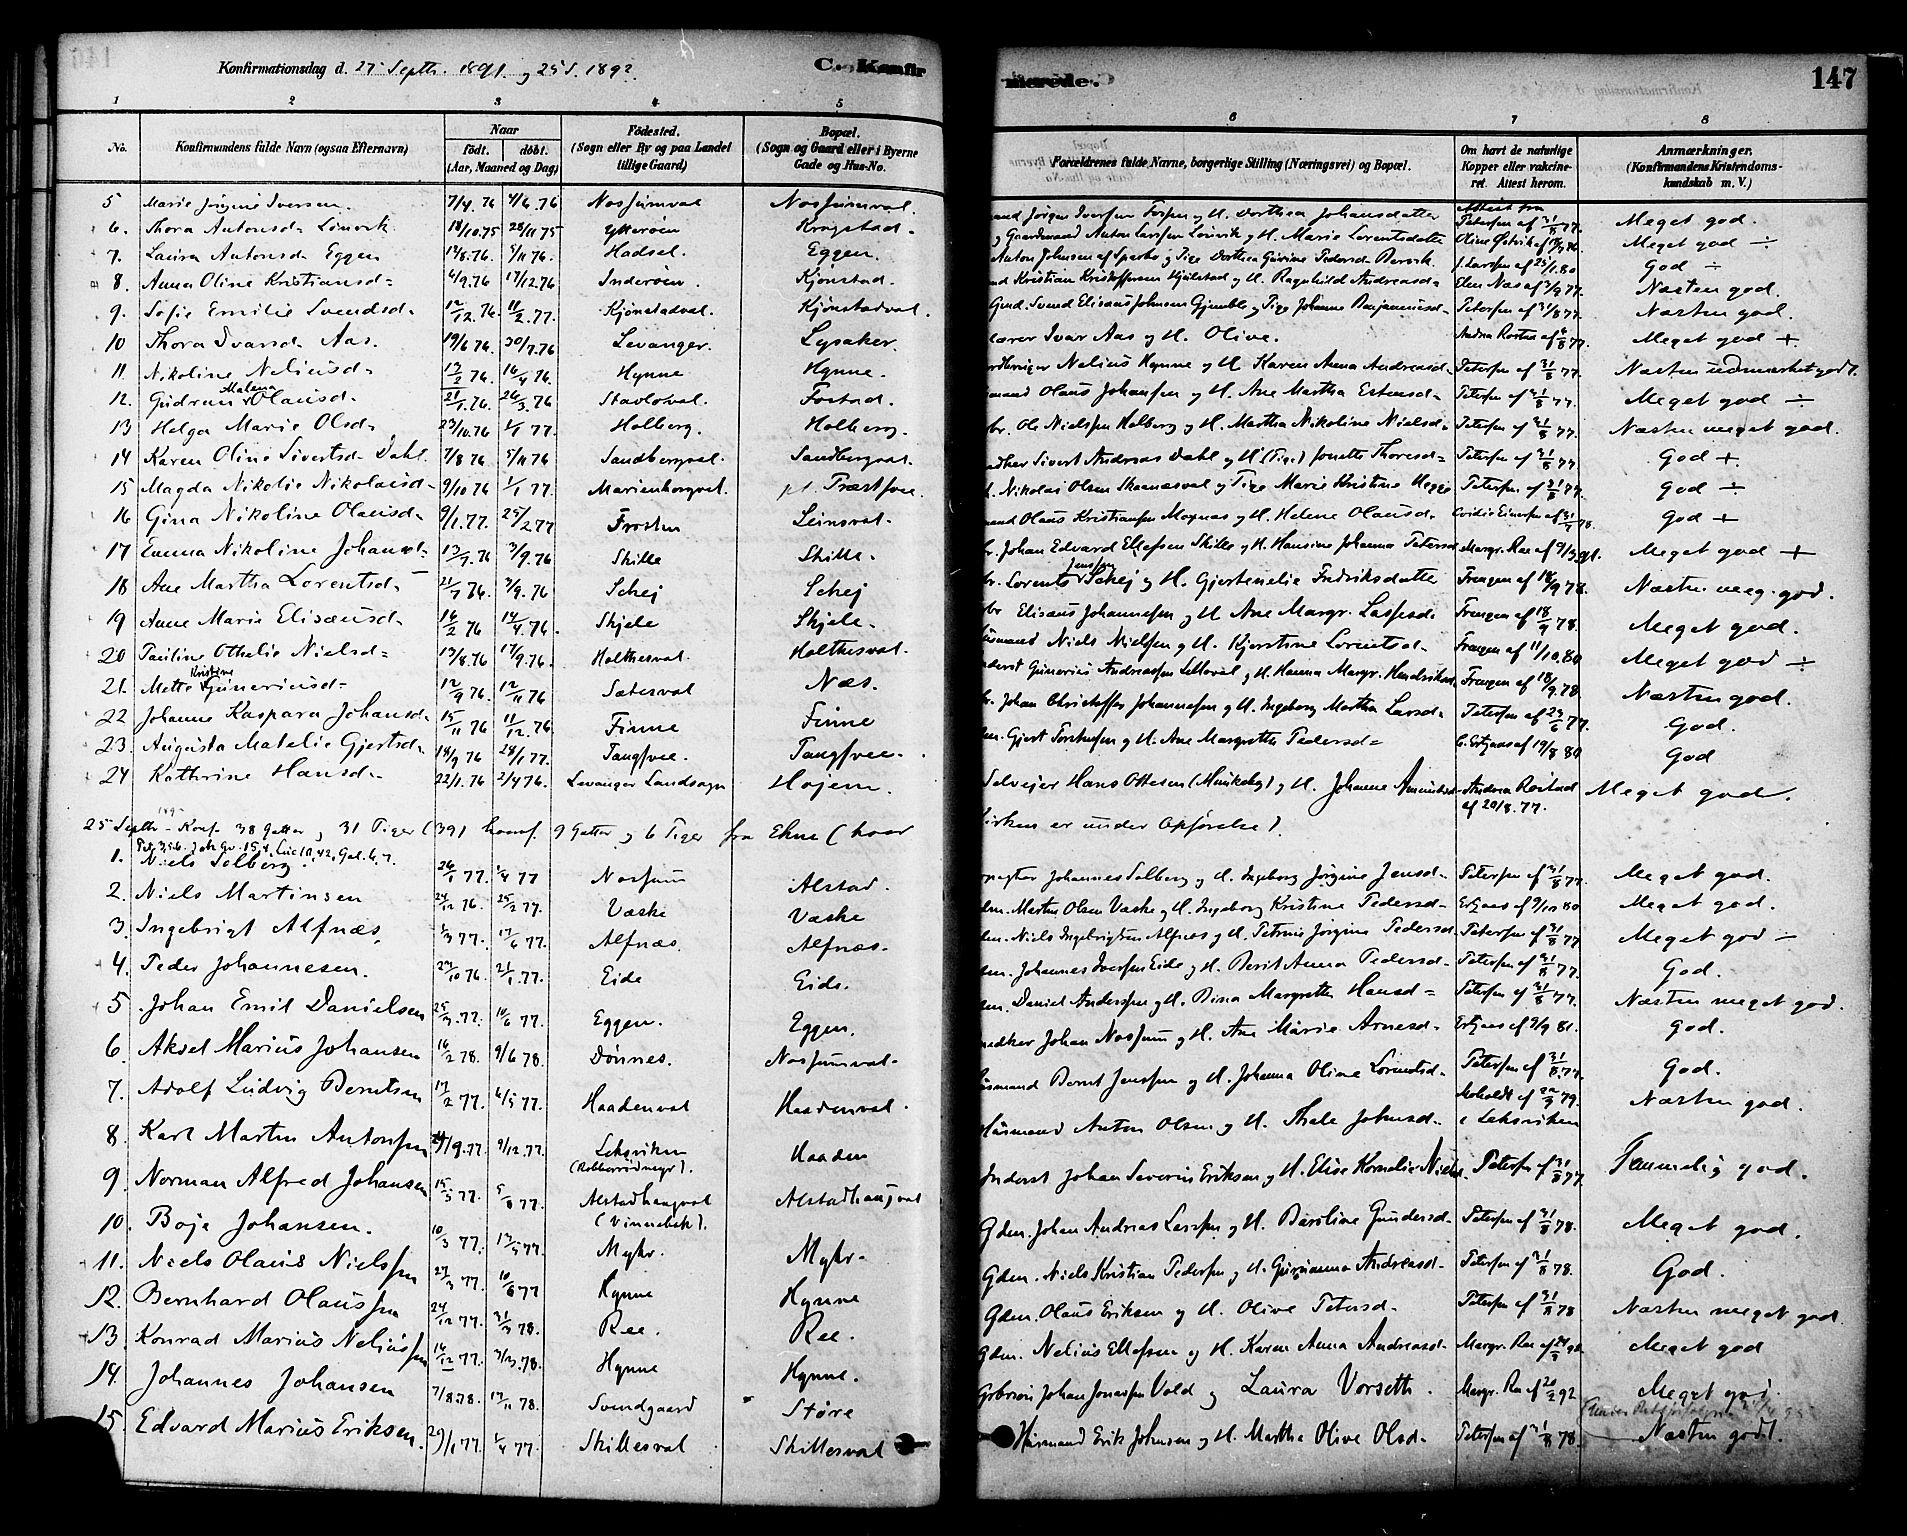 SAT, Ministerialprotokoller, klokkerbøker og fødselsregistre - Nord-Trøndelag, 717/L0159: Ministerialbok nr. 717A09, 1878-1898, s. 147